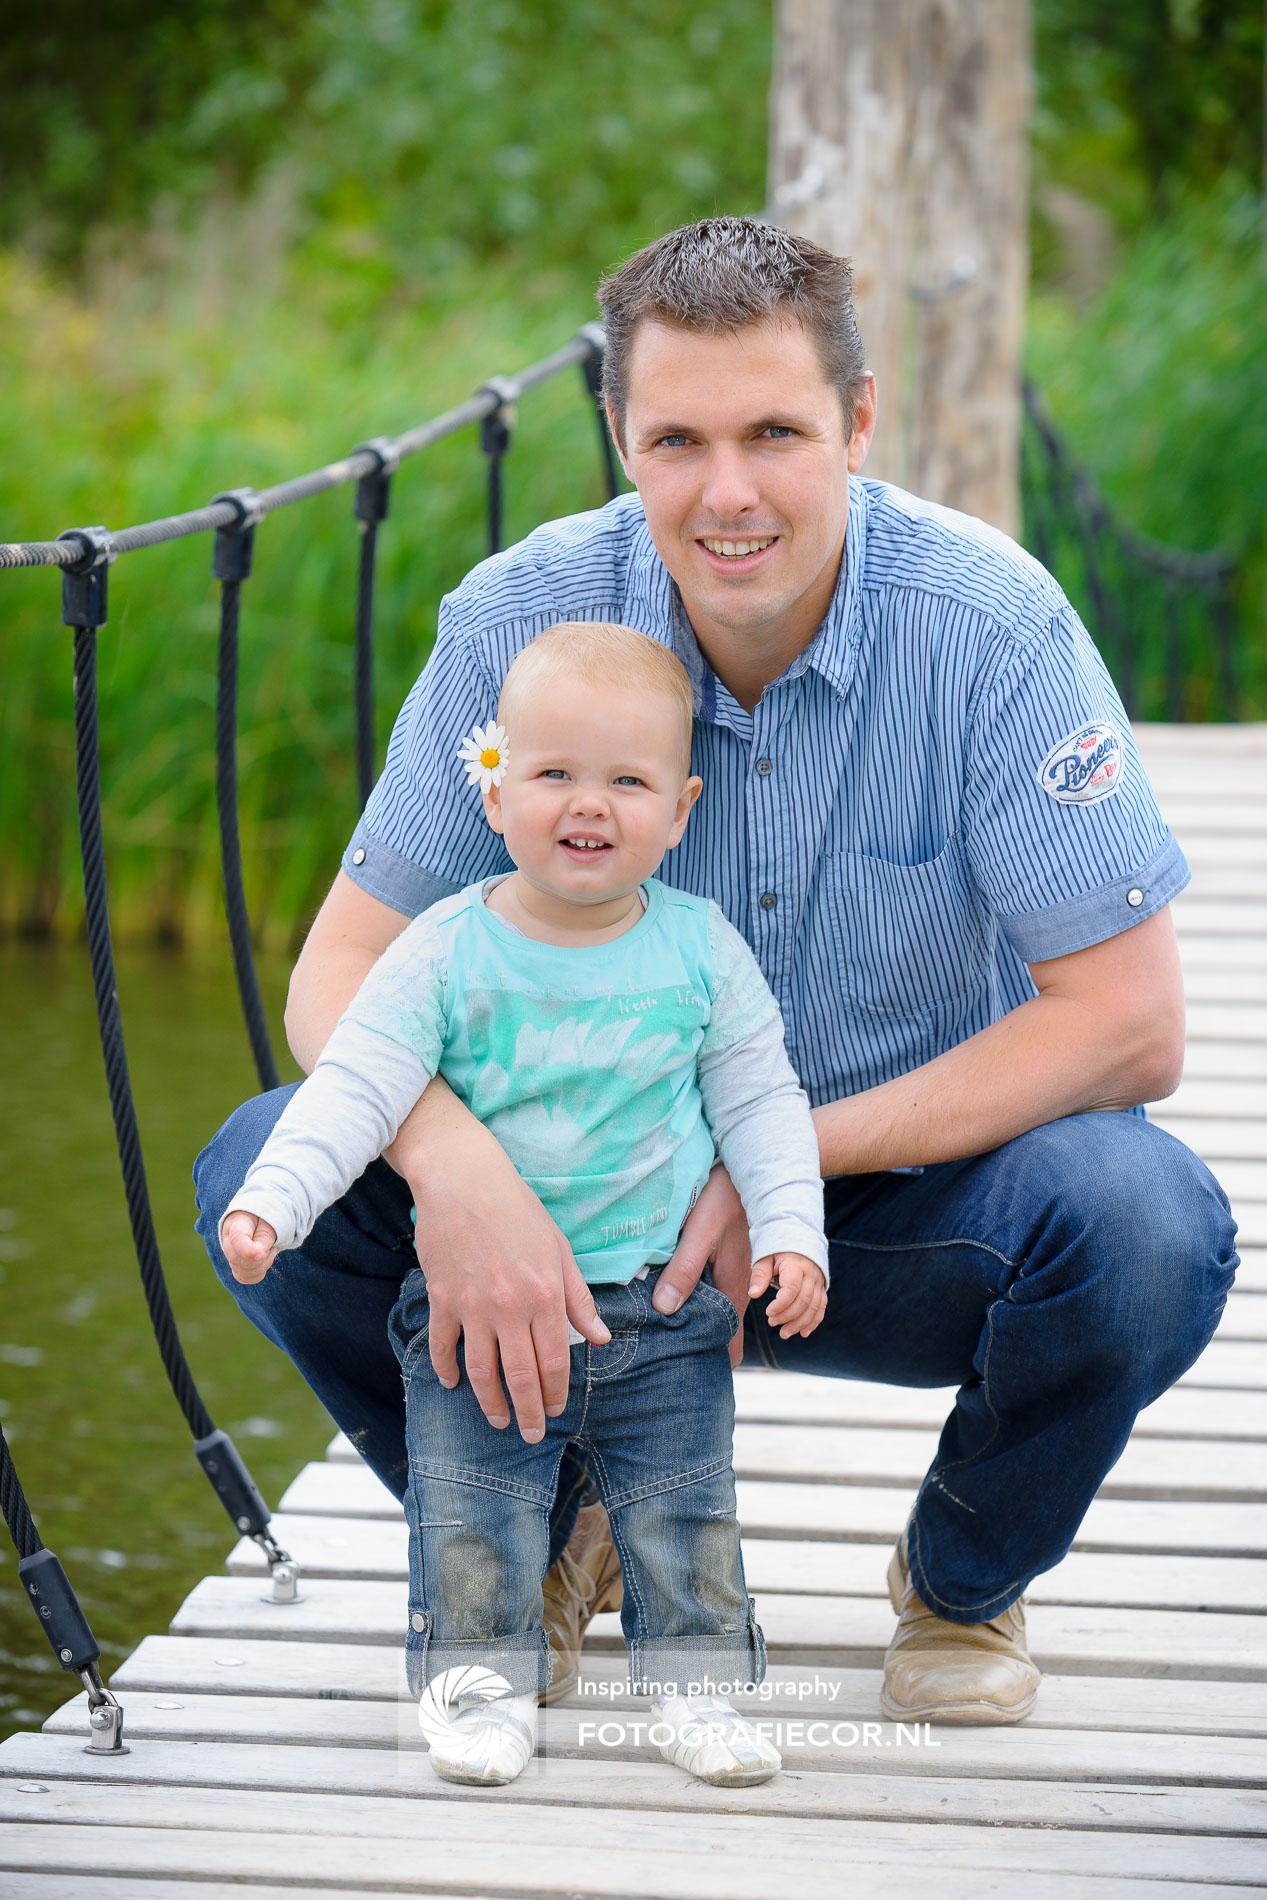 Gezinsfoto | Gezin | Baby met papa in park op hangbrug | foto